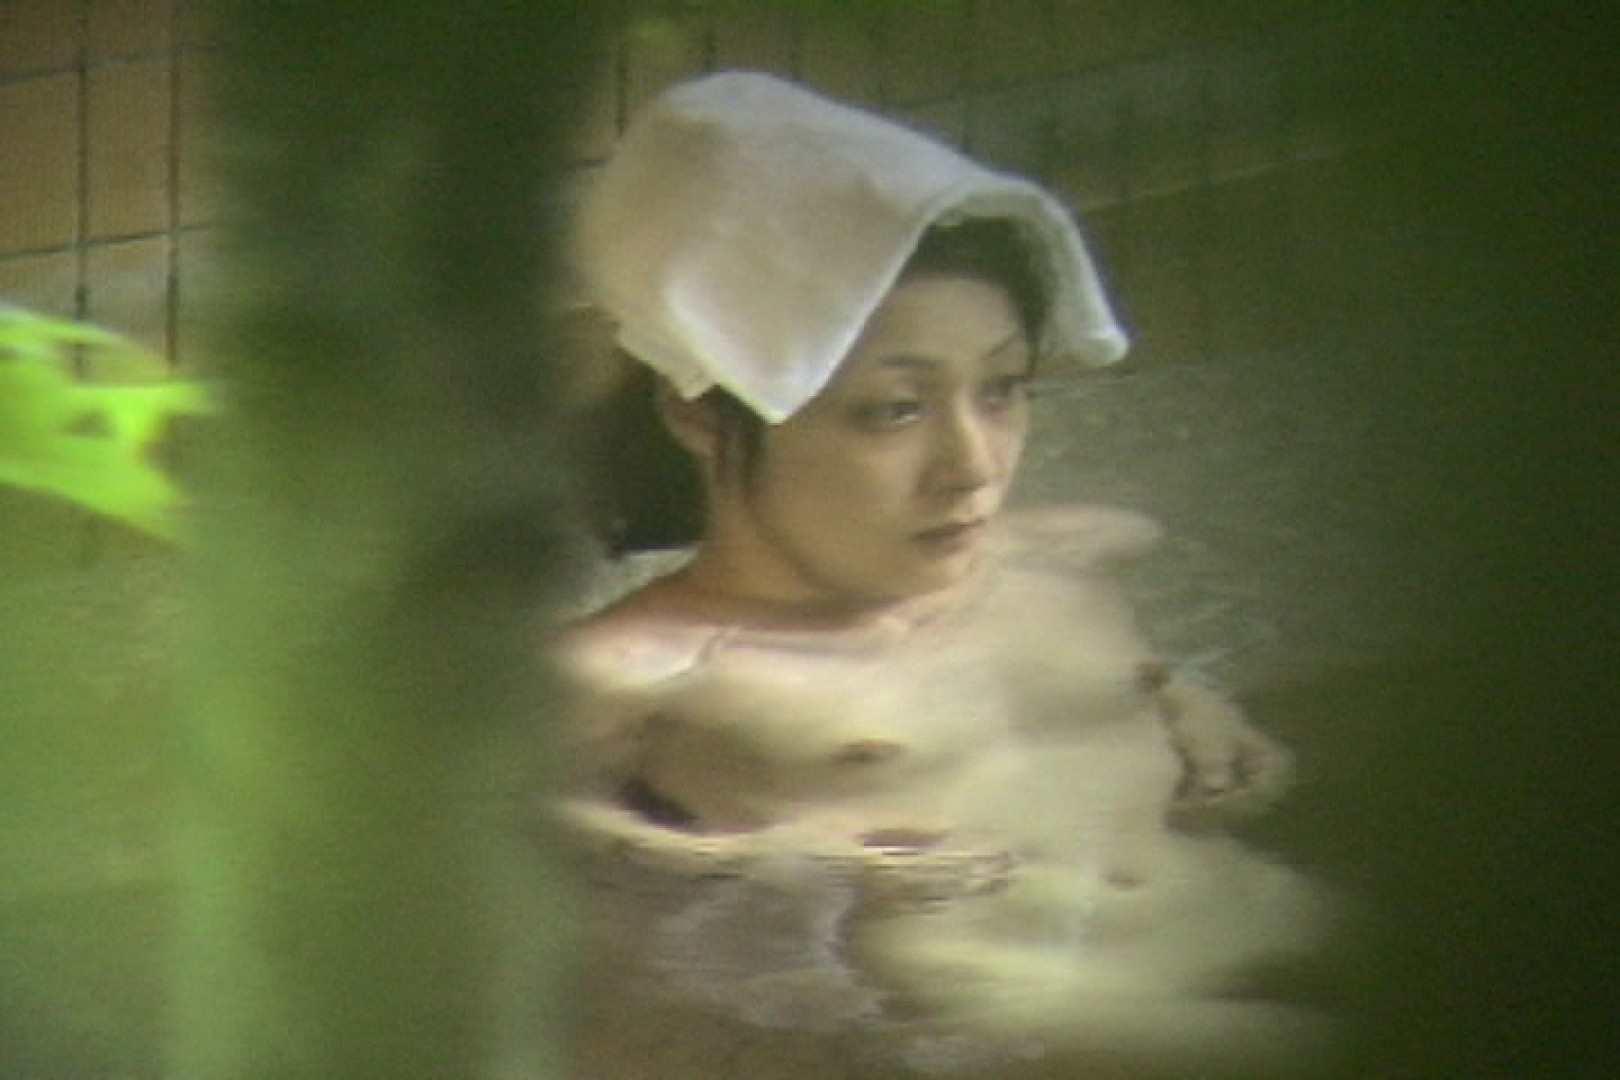 Aquaな露天風呂Vol.701 いやらしいOL すけべAV動画紹介 89連発 37